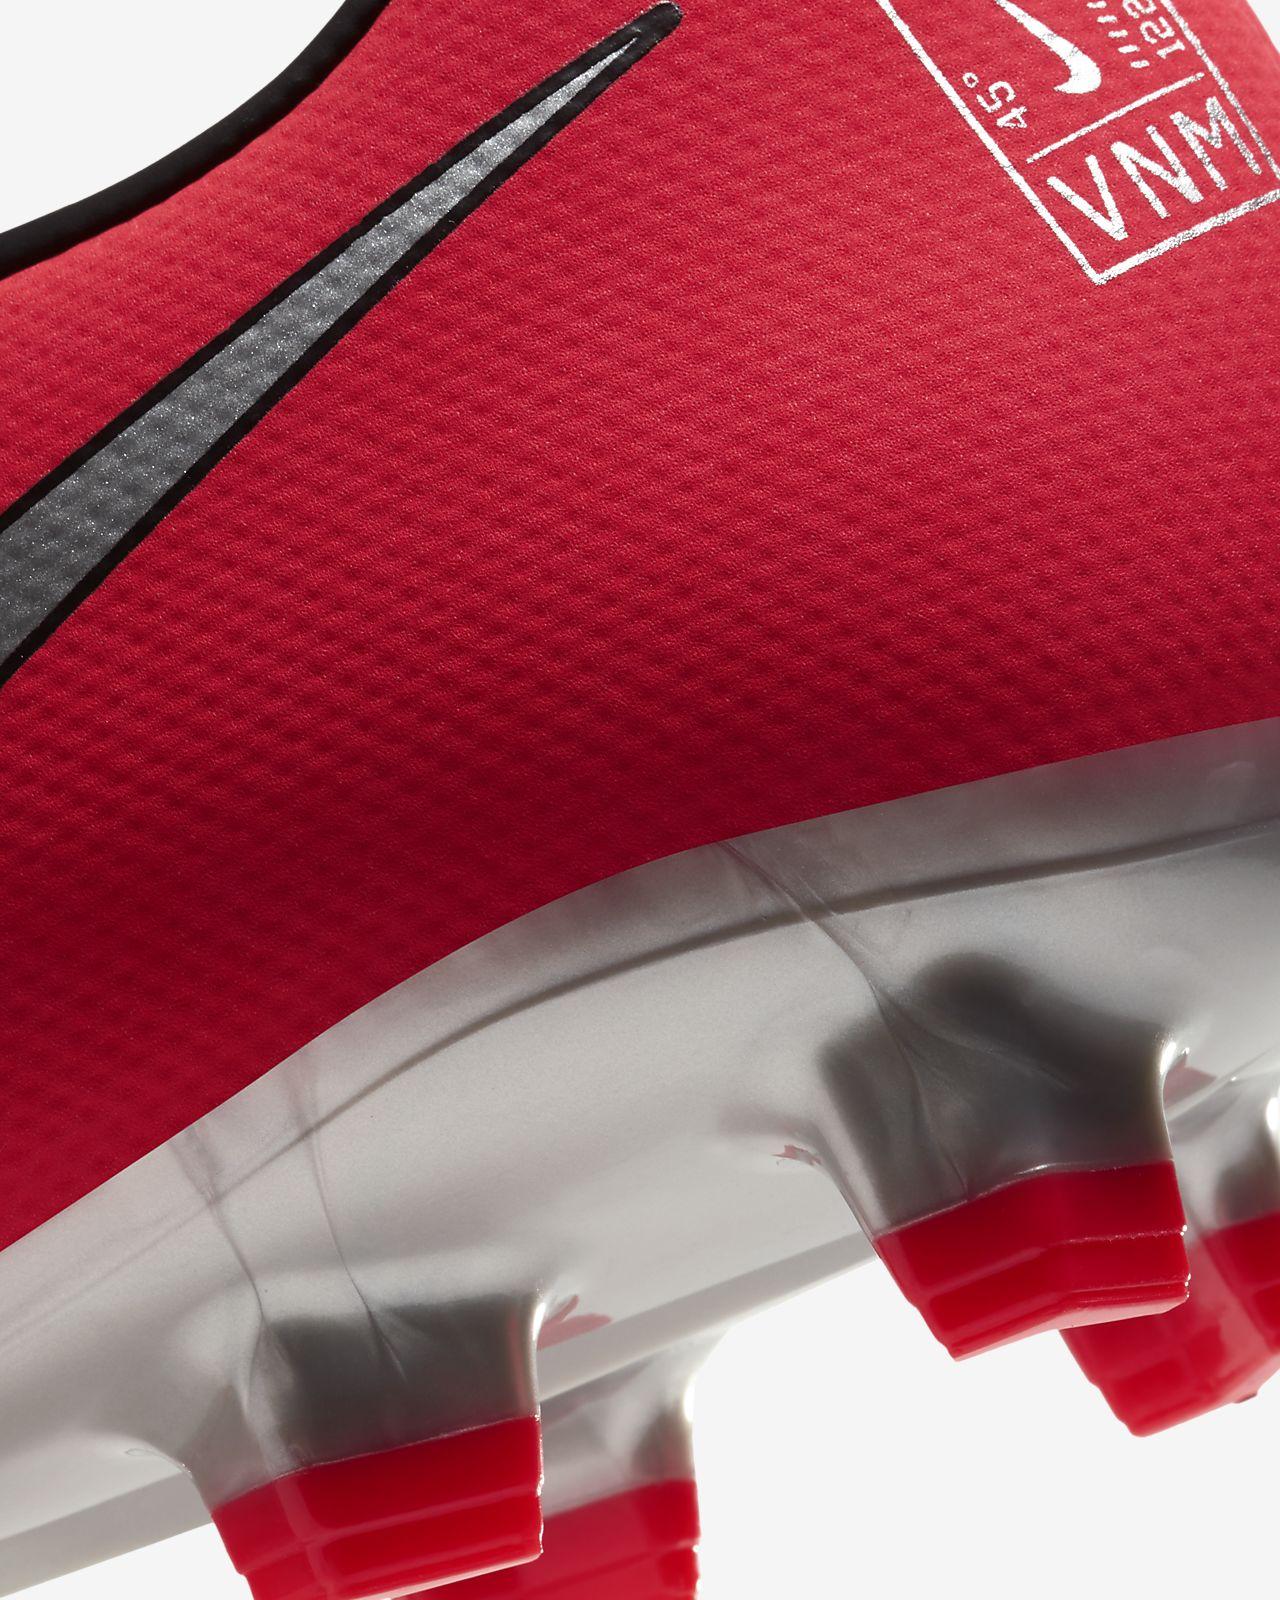 Nike Phantom VSN Elite DF AG WhiteBlackGold